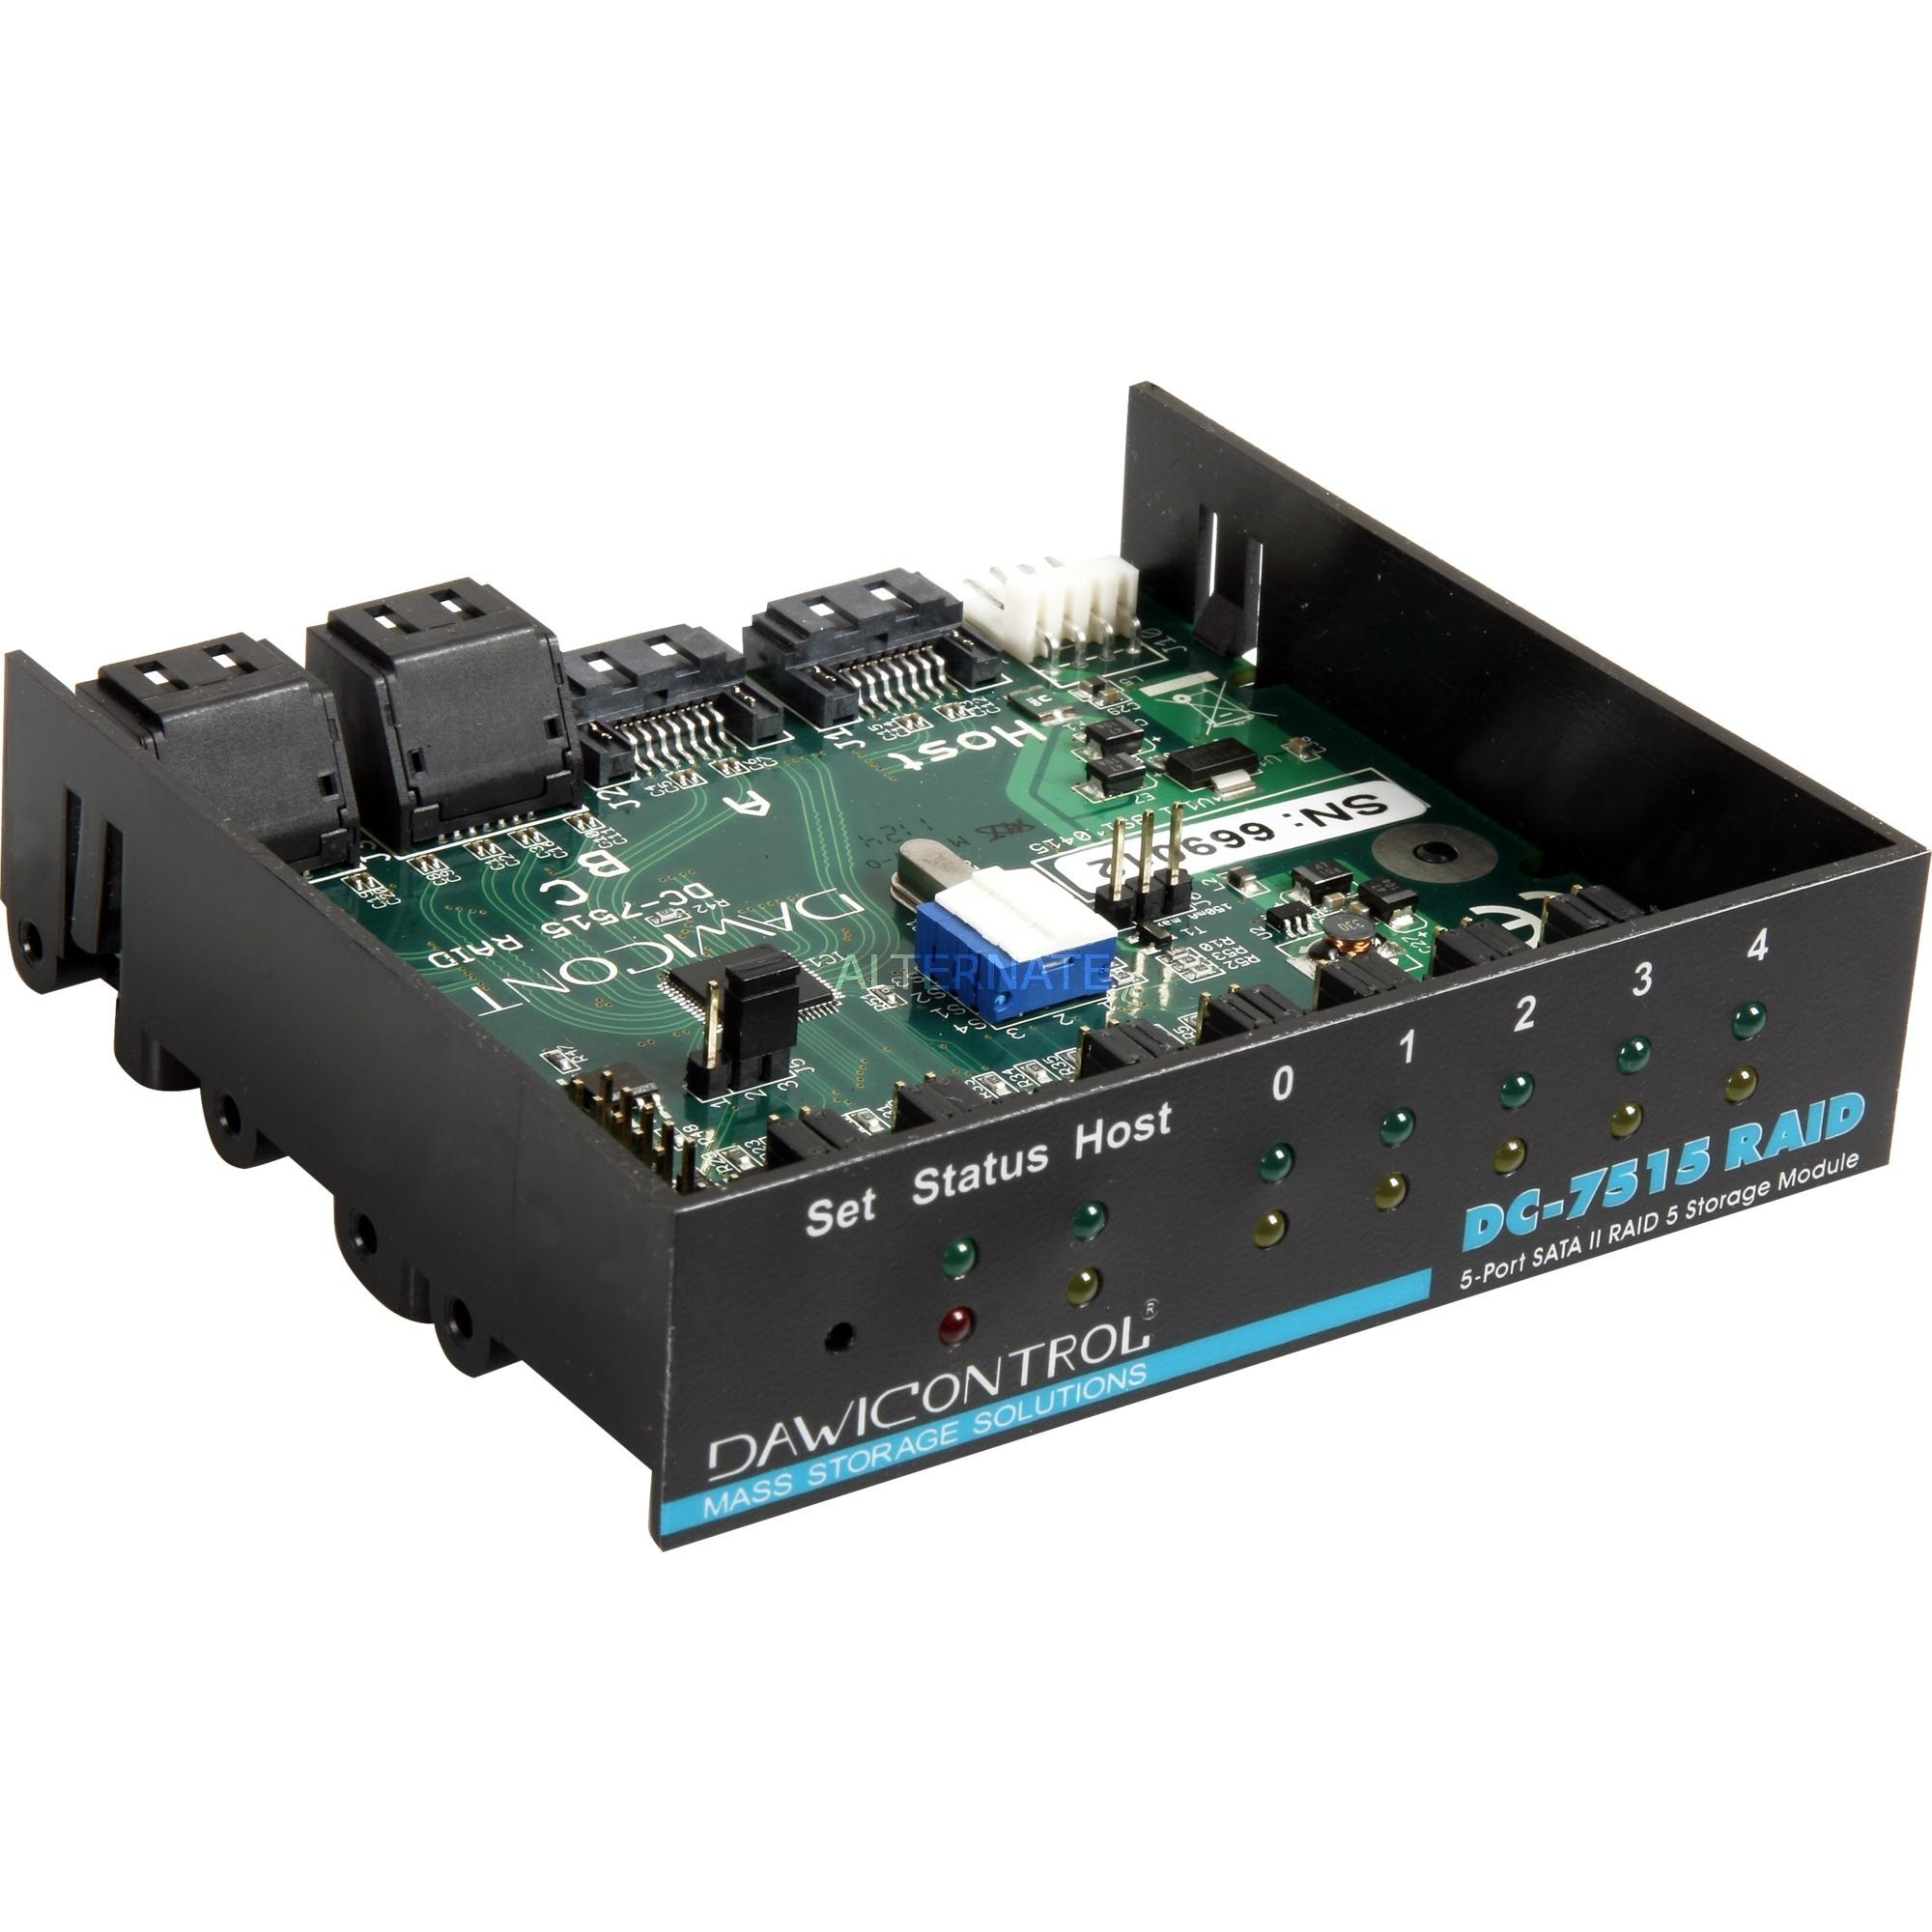 Dawicontrol DC-7515 RAID, Controller